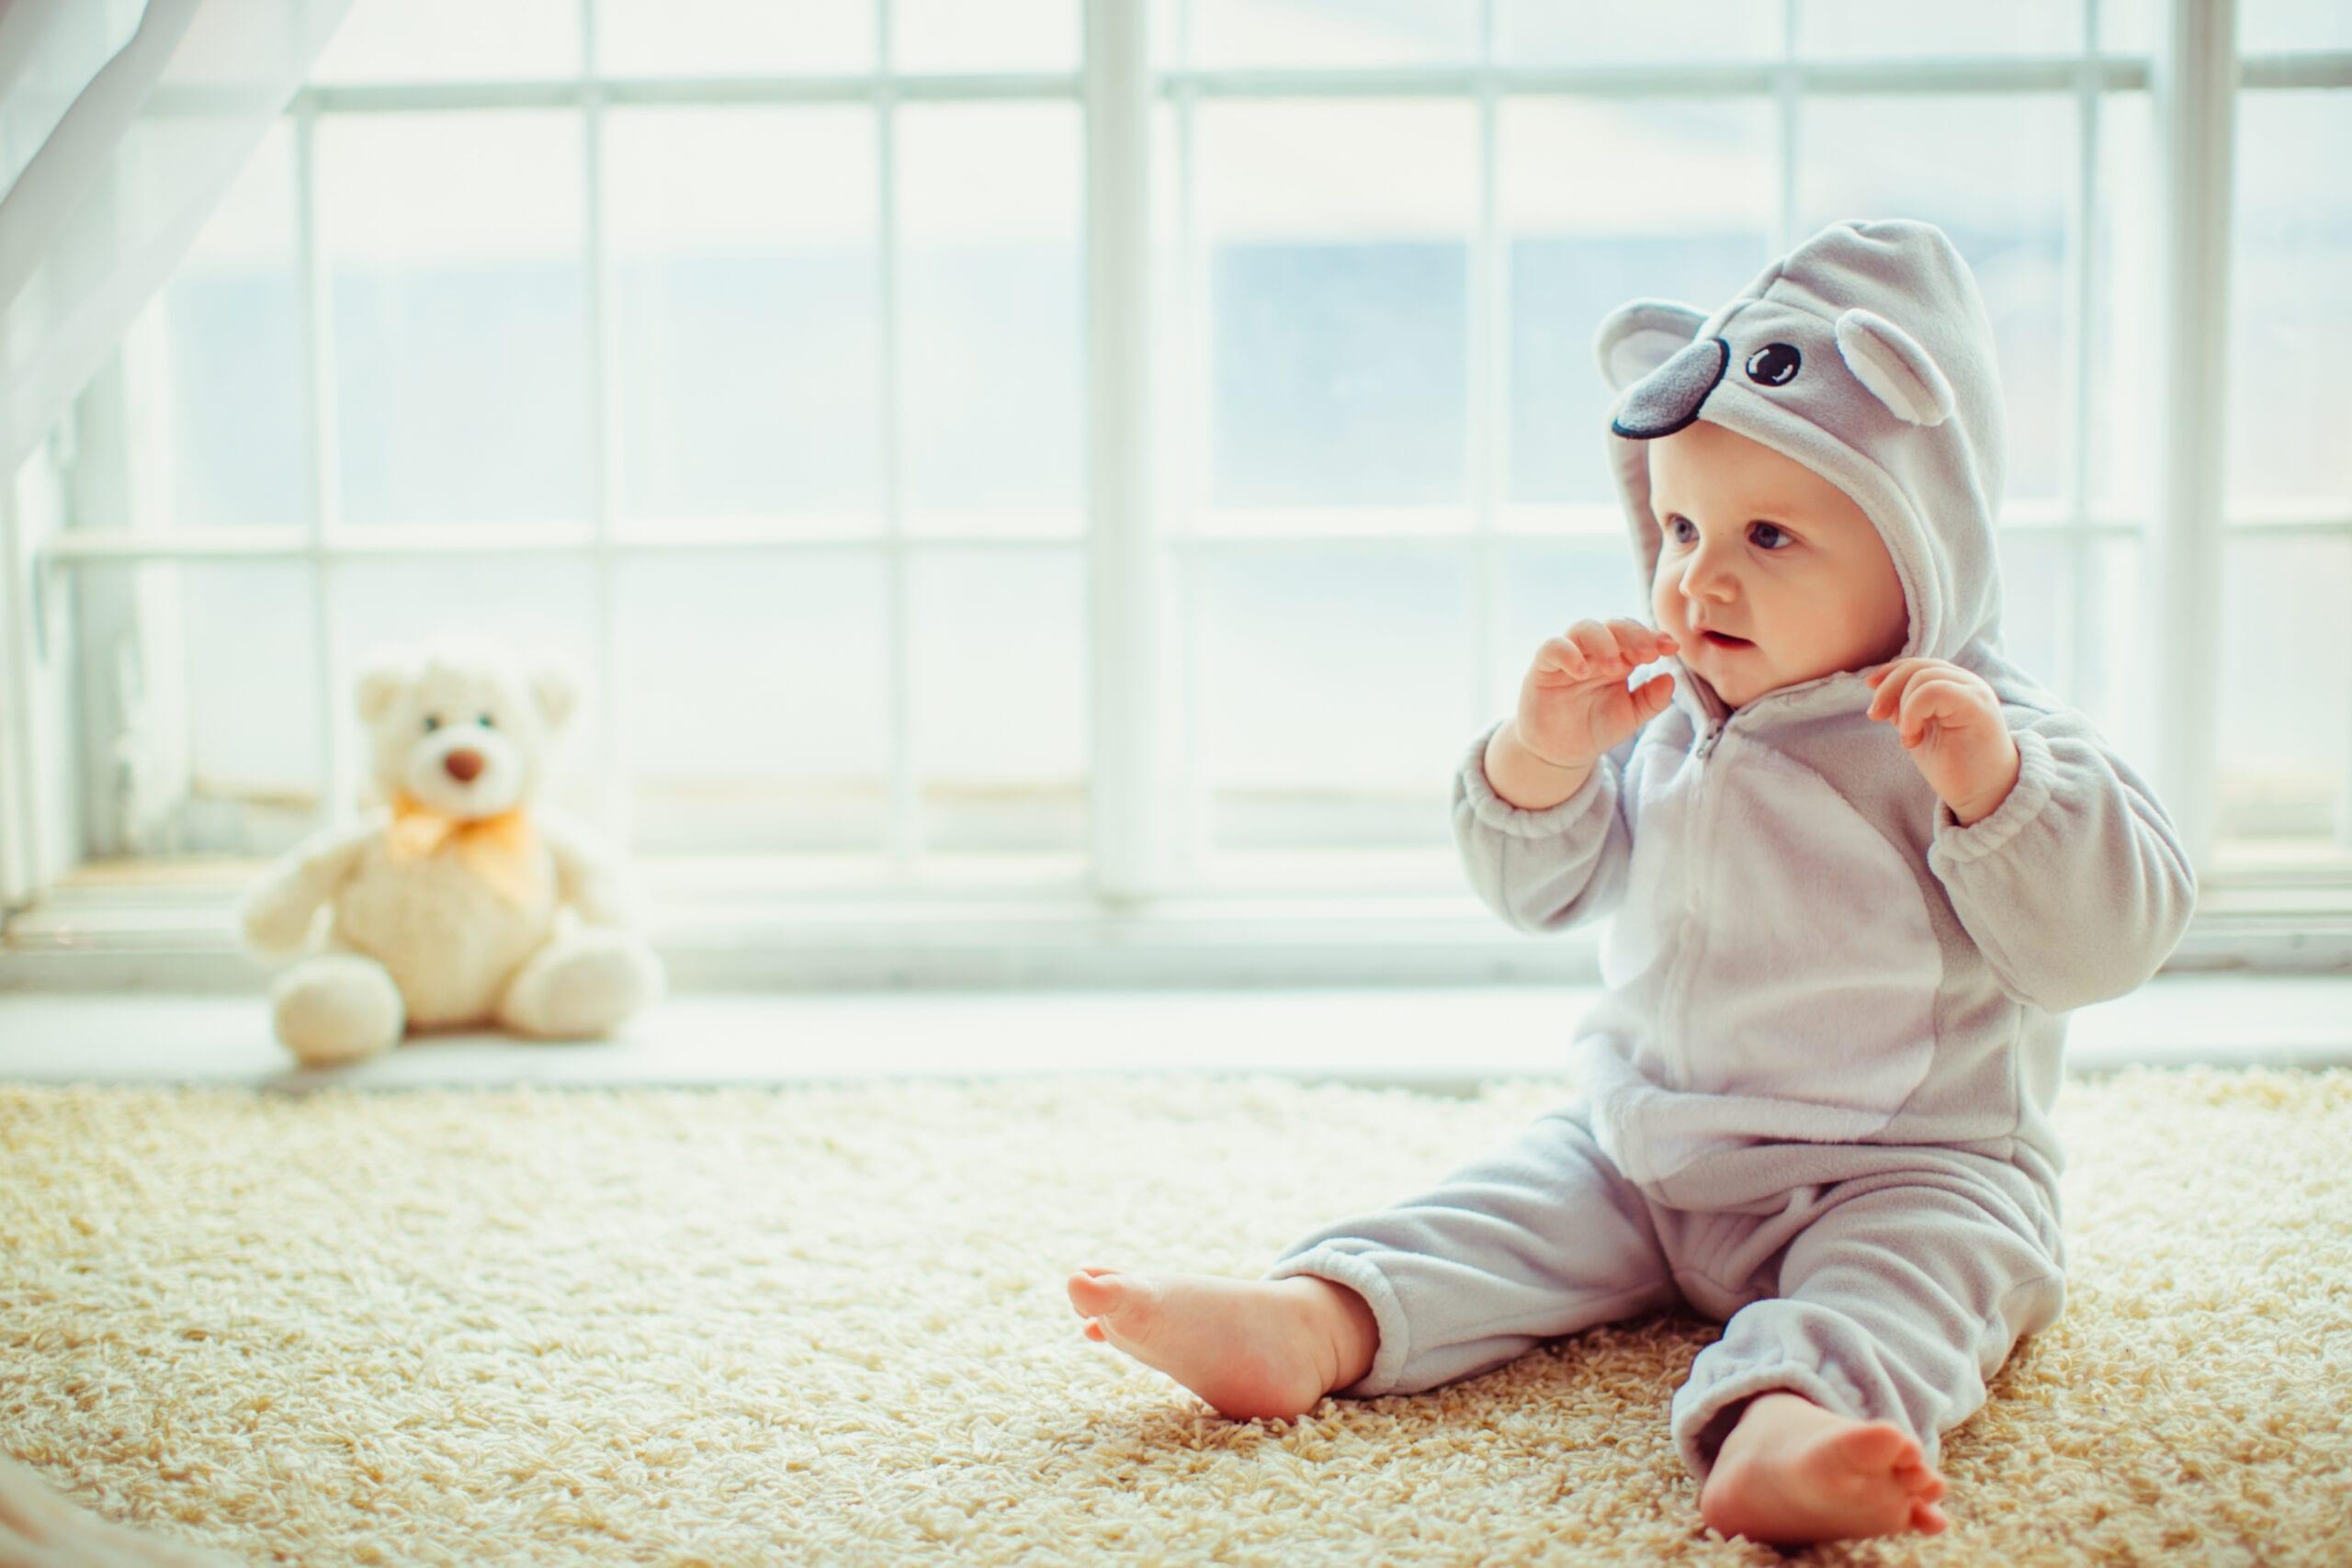 bebe sentado peques scaled Peques